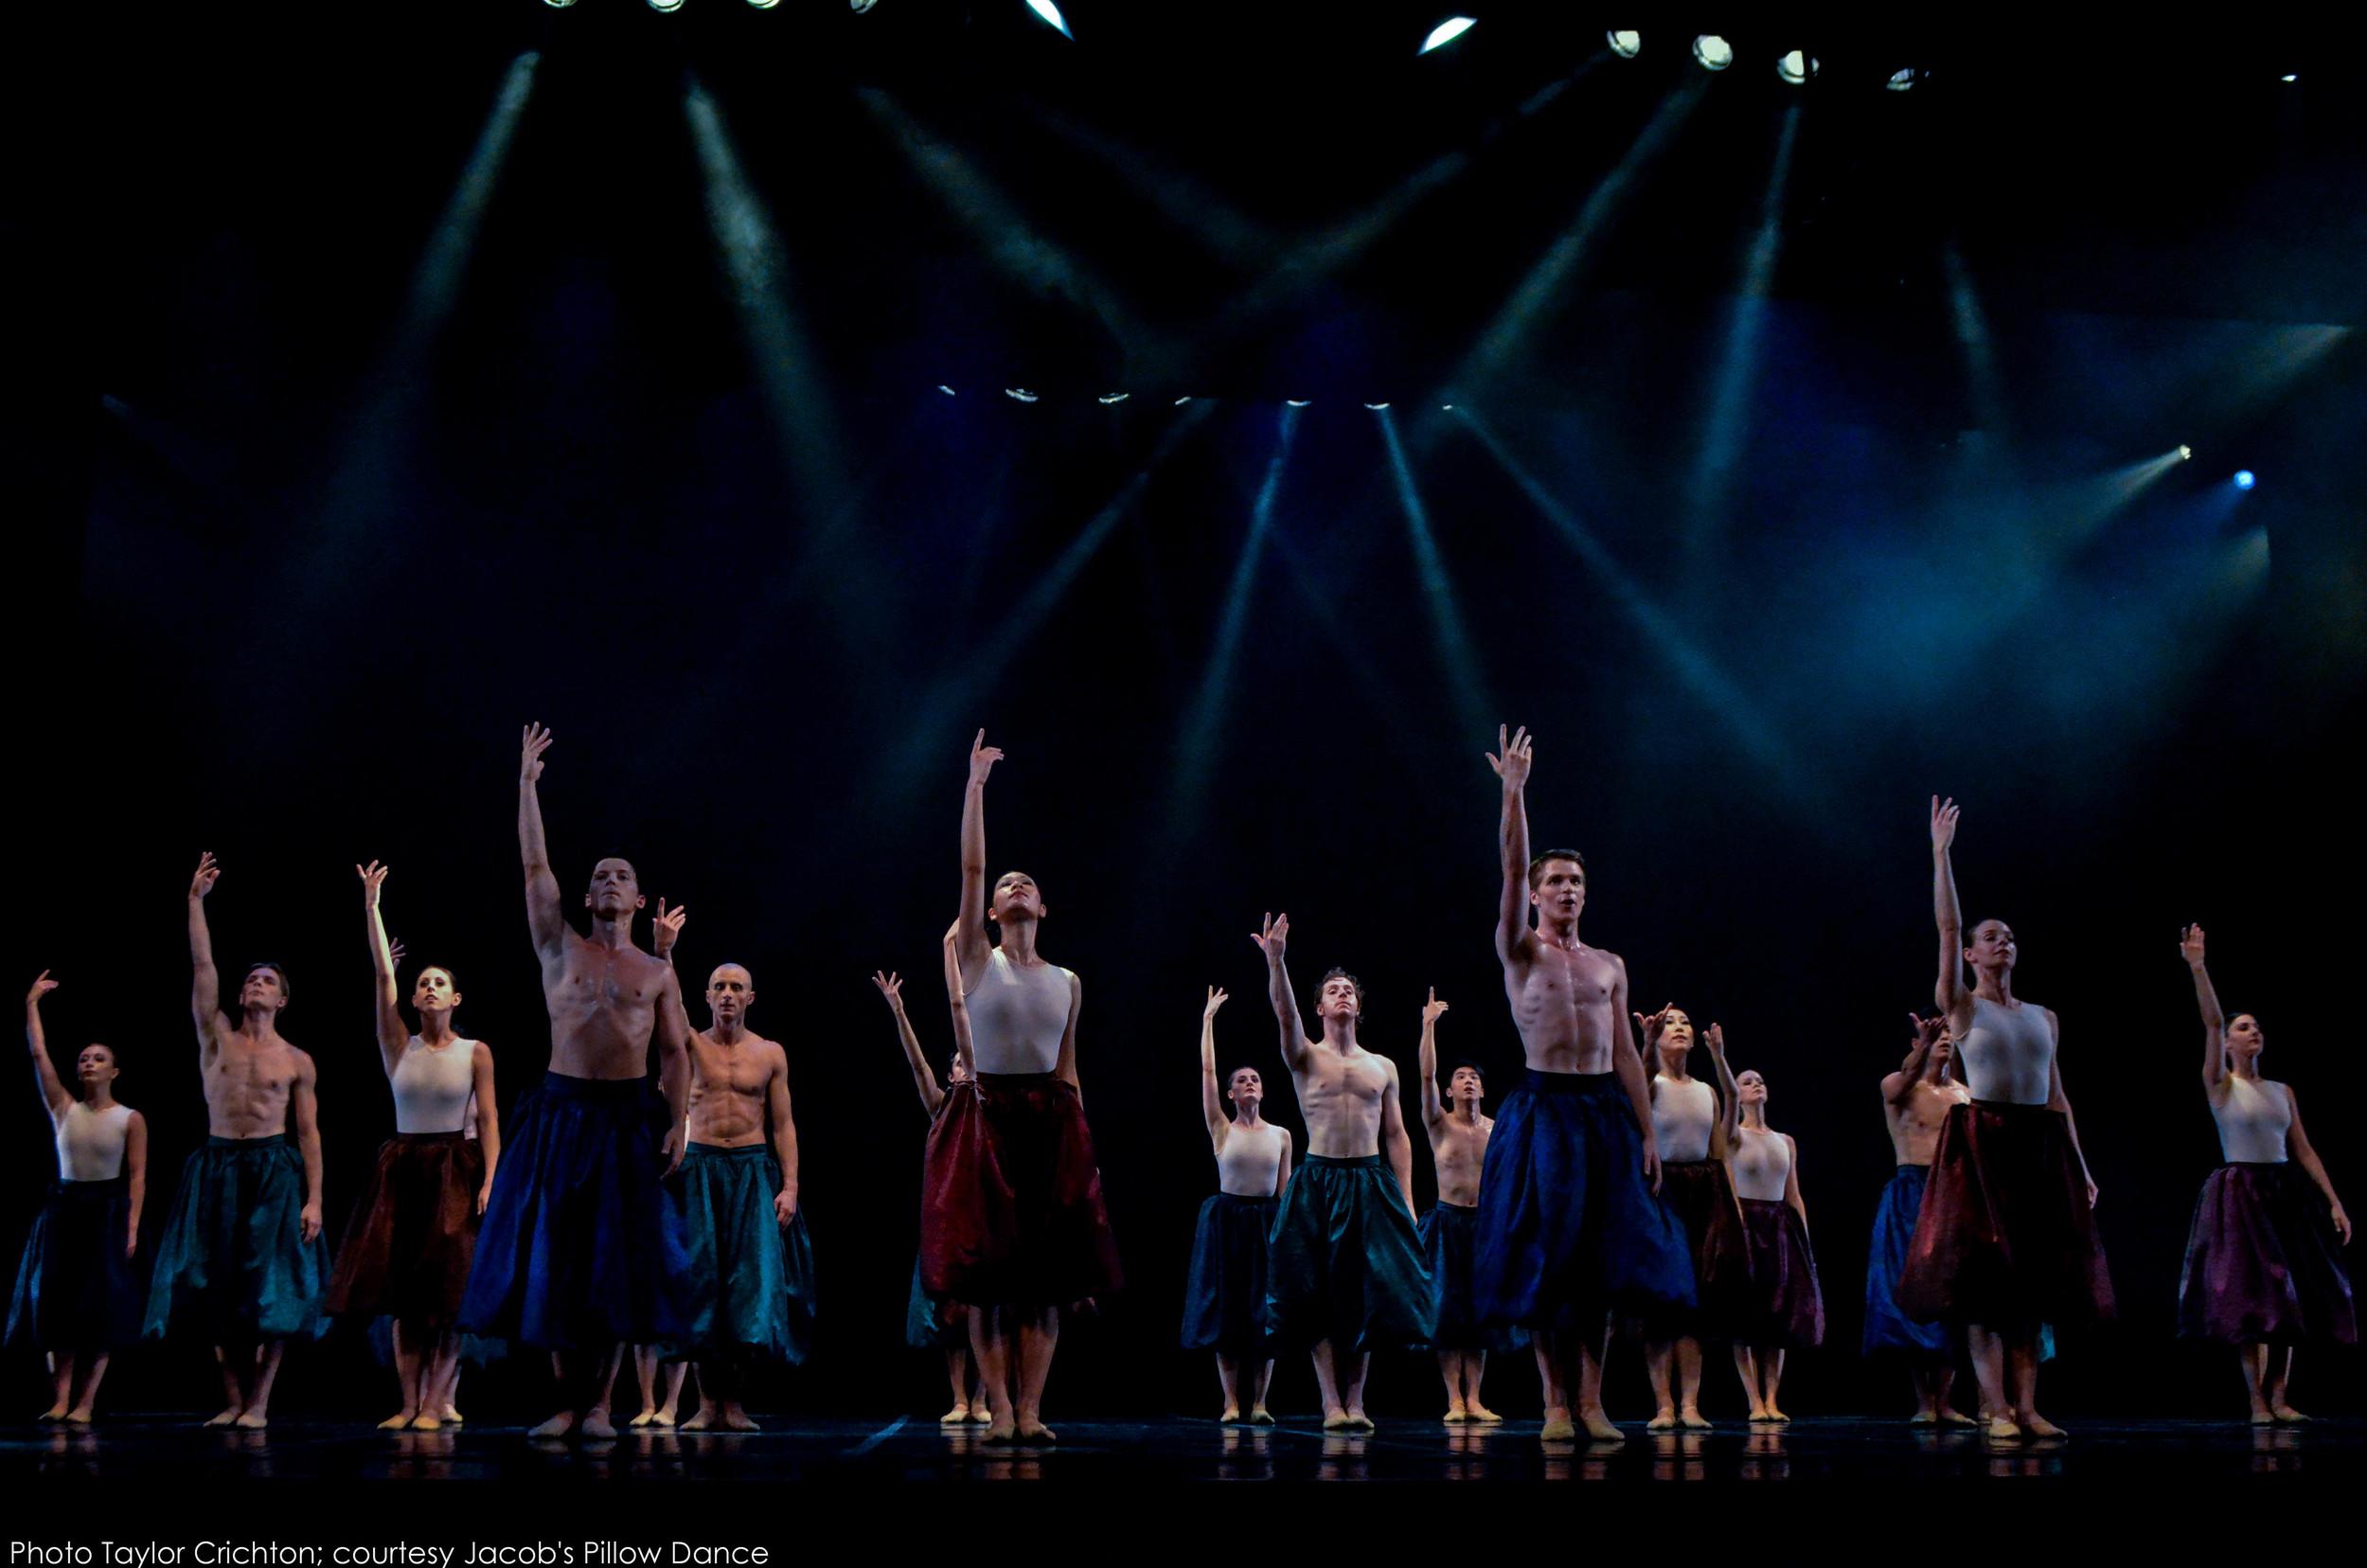 RoyalWinnipegBallet_DressRehearsal_2012TaylorCrichton_032.jpg